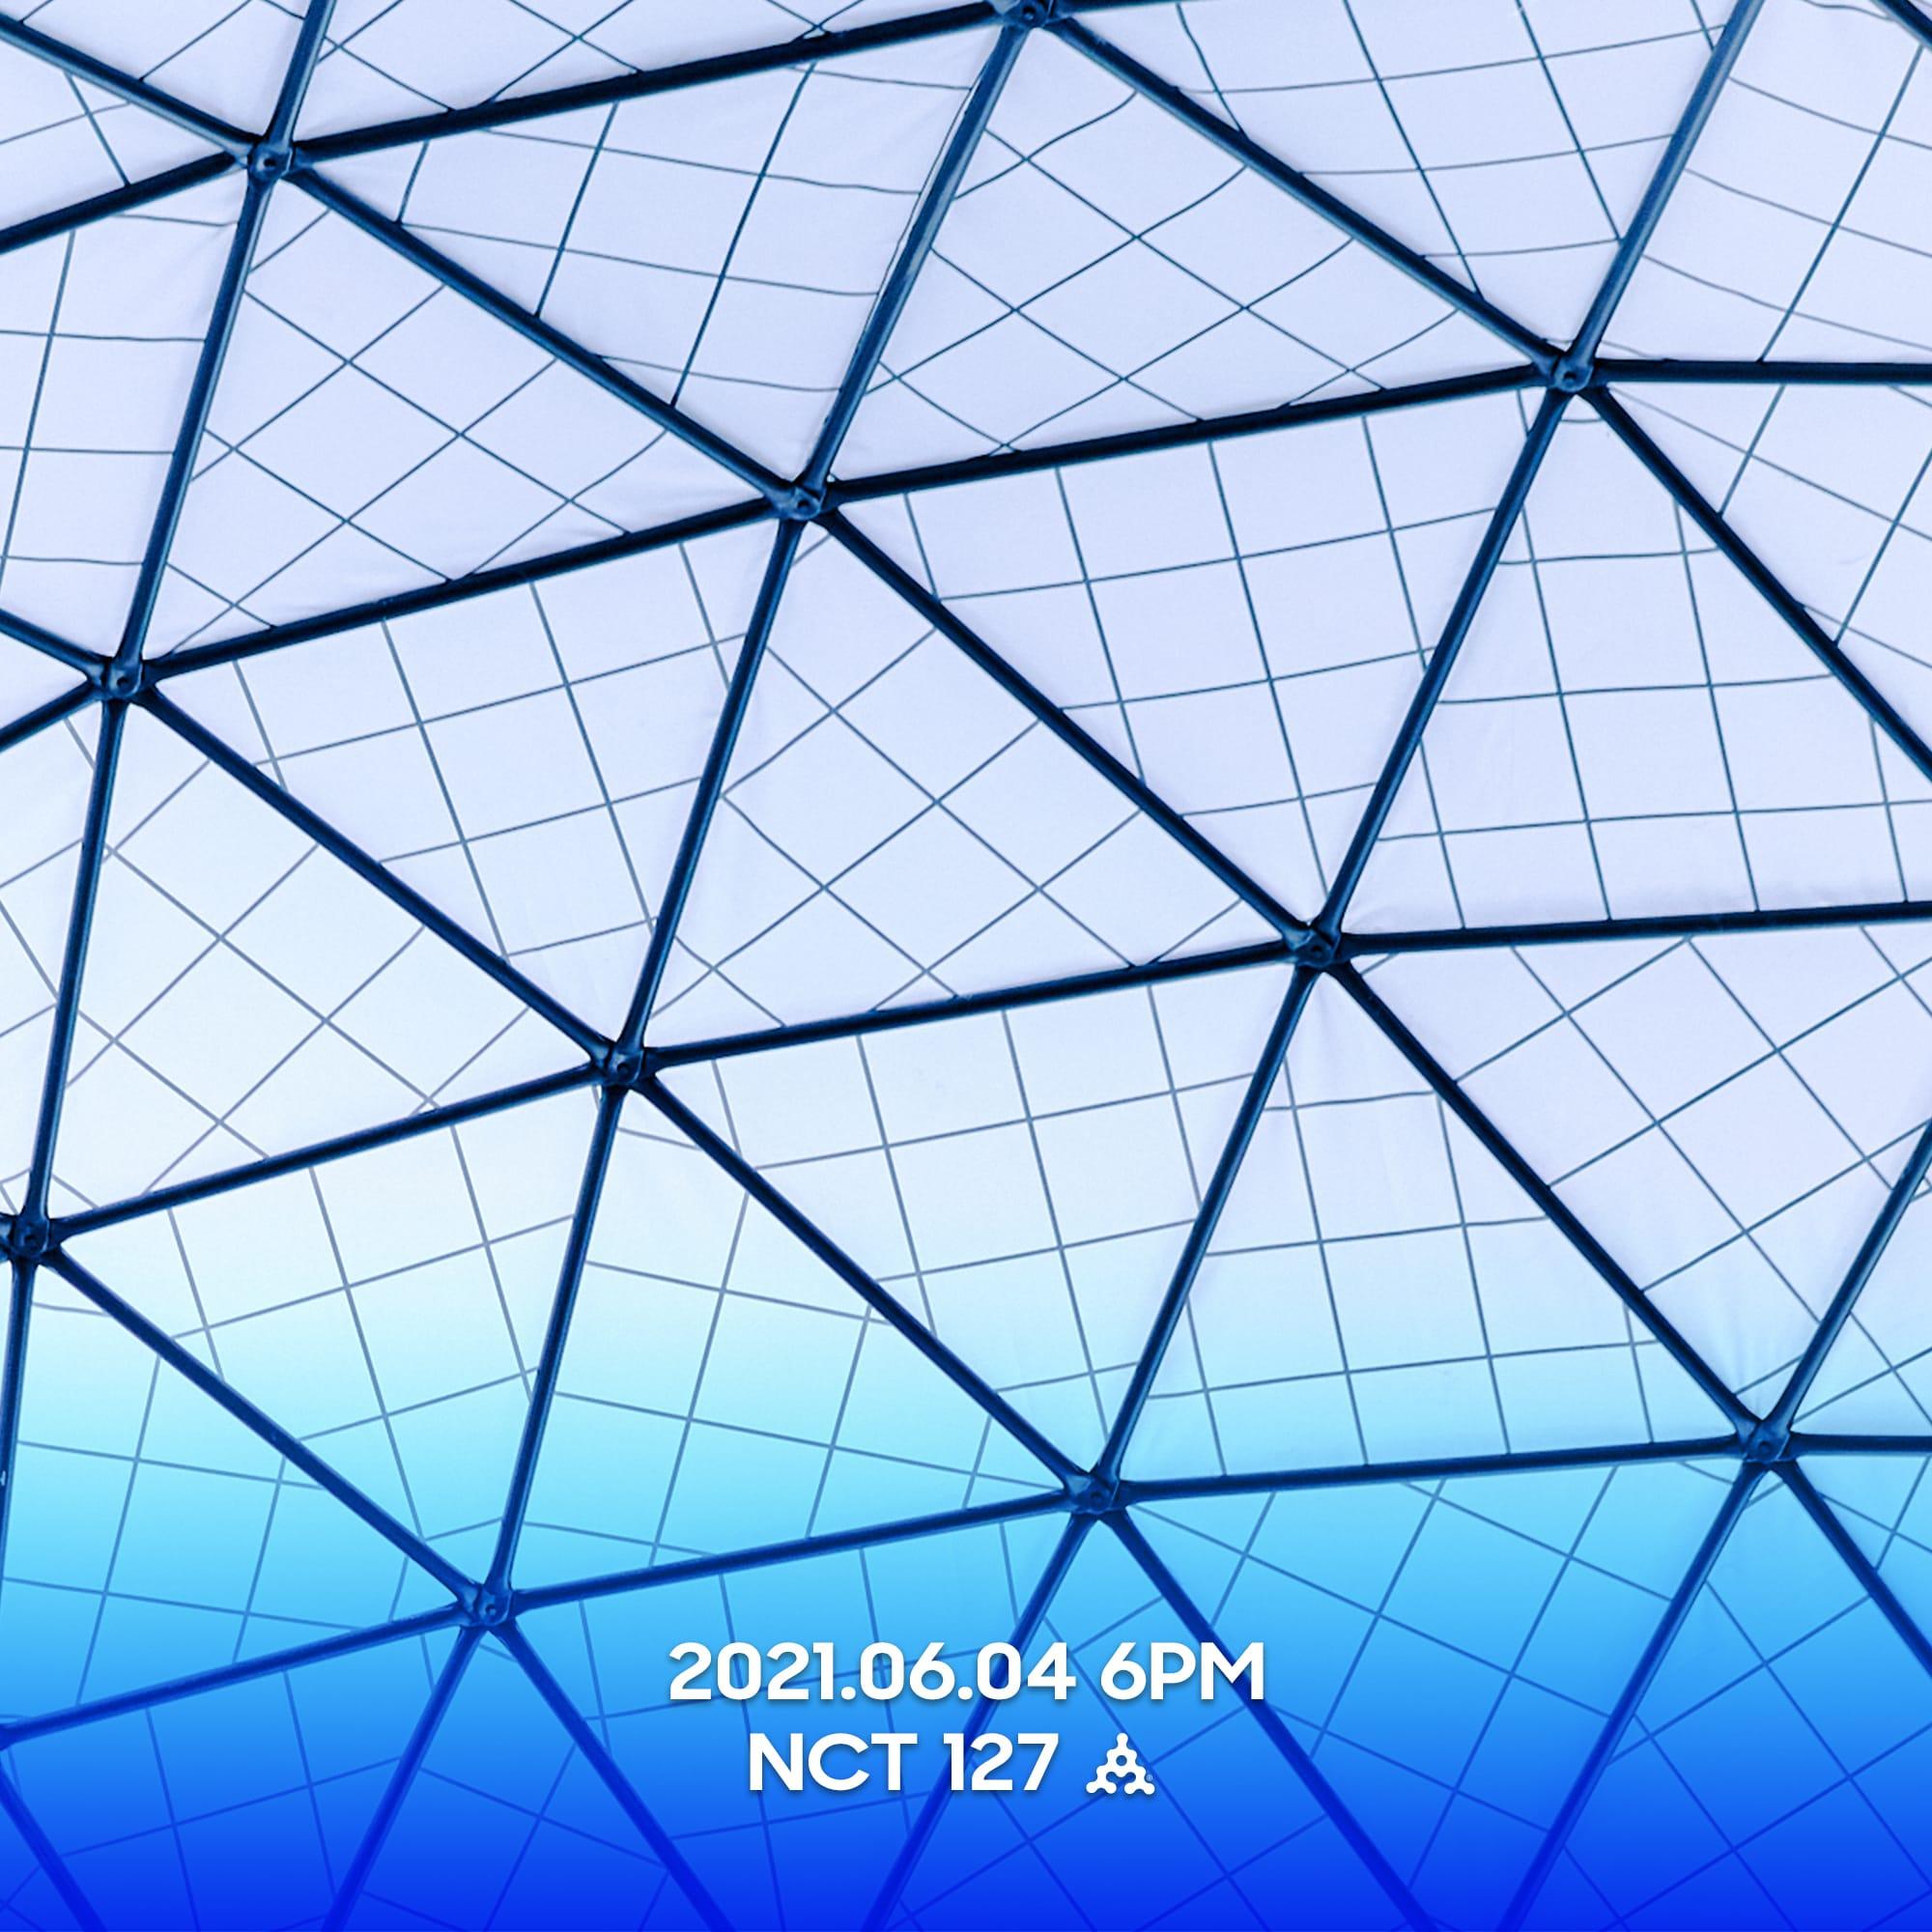 nct 127 save 3